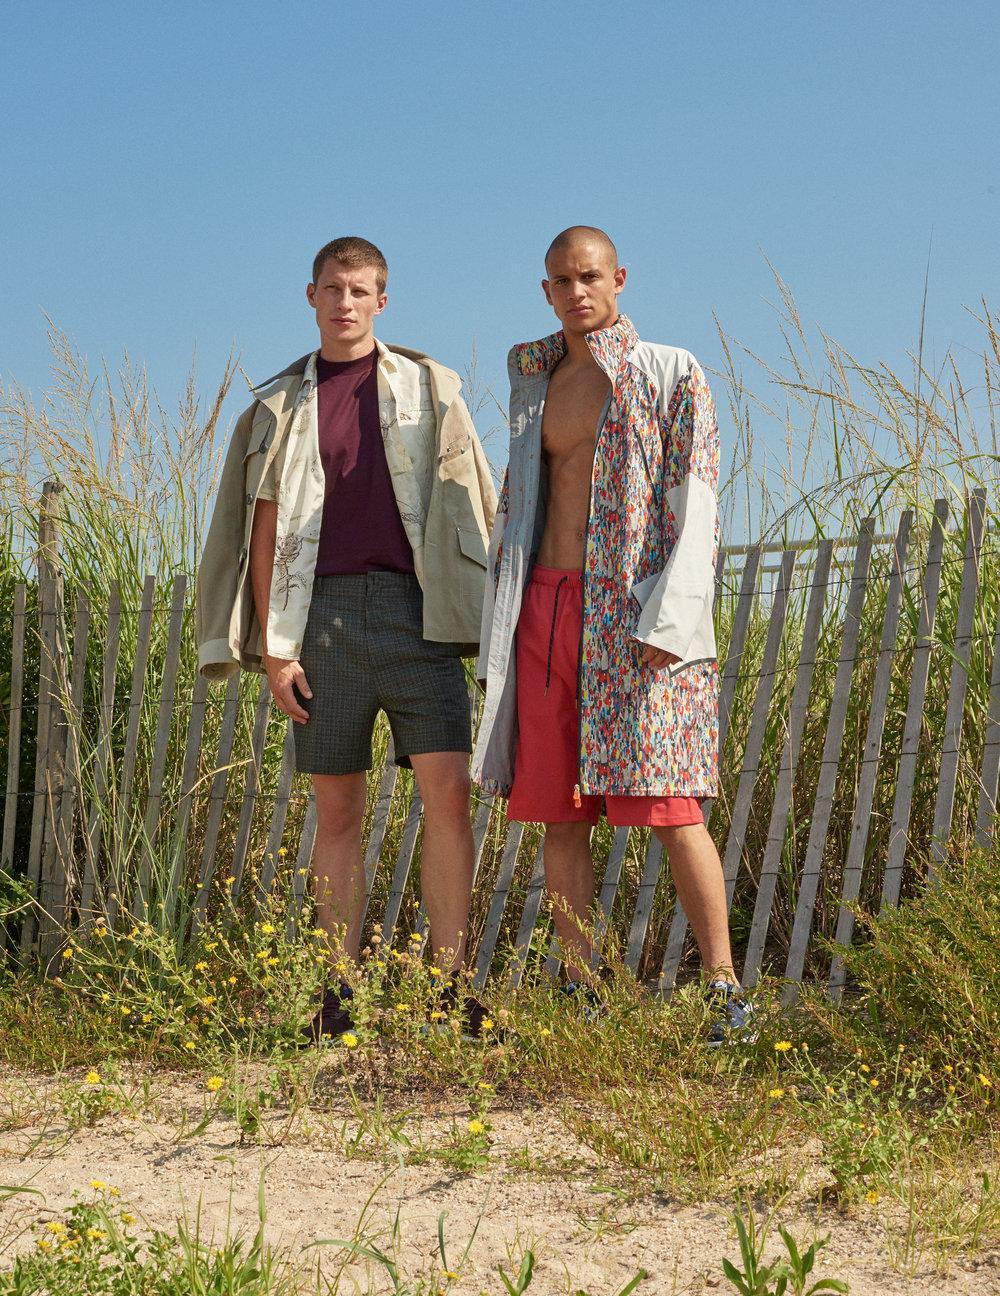 LANVIN     jacket, shirt, t-shirt, and shorts and   ADIDAS     shoes.   DYNE     coat and shorts and   NIKE     shoes.